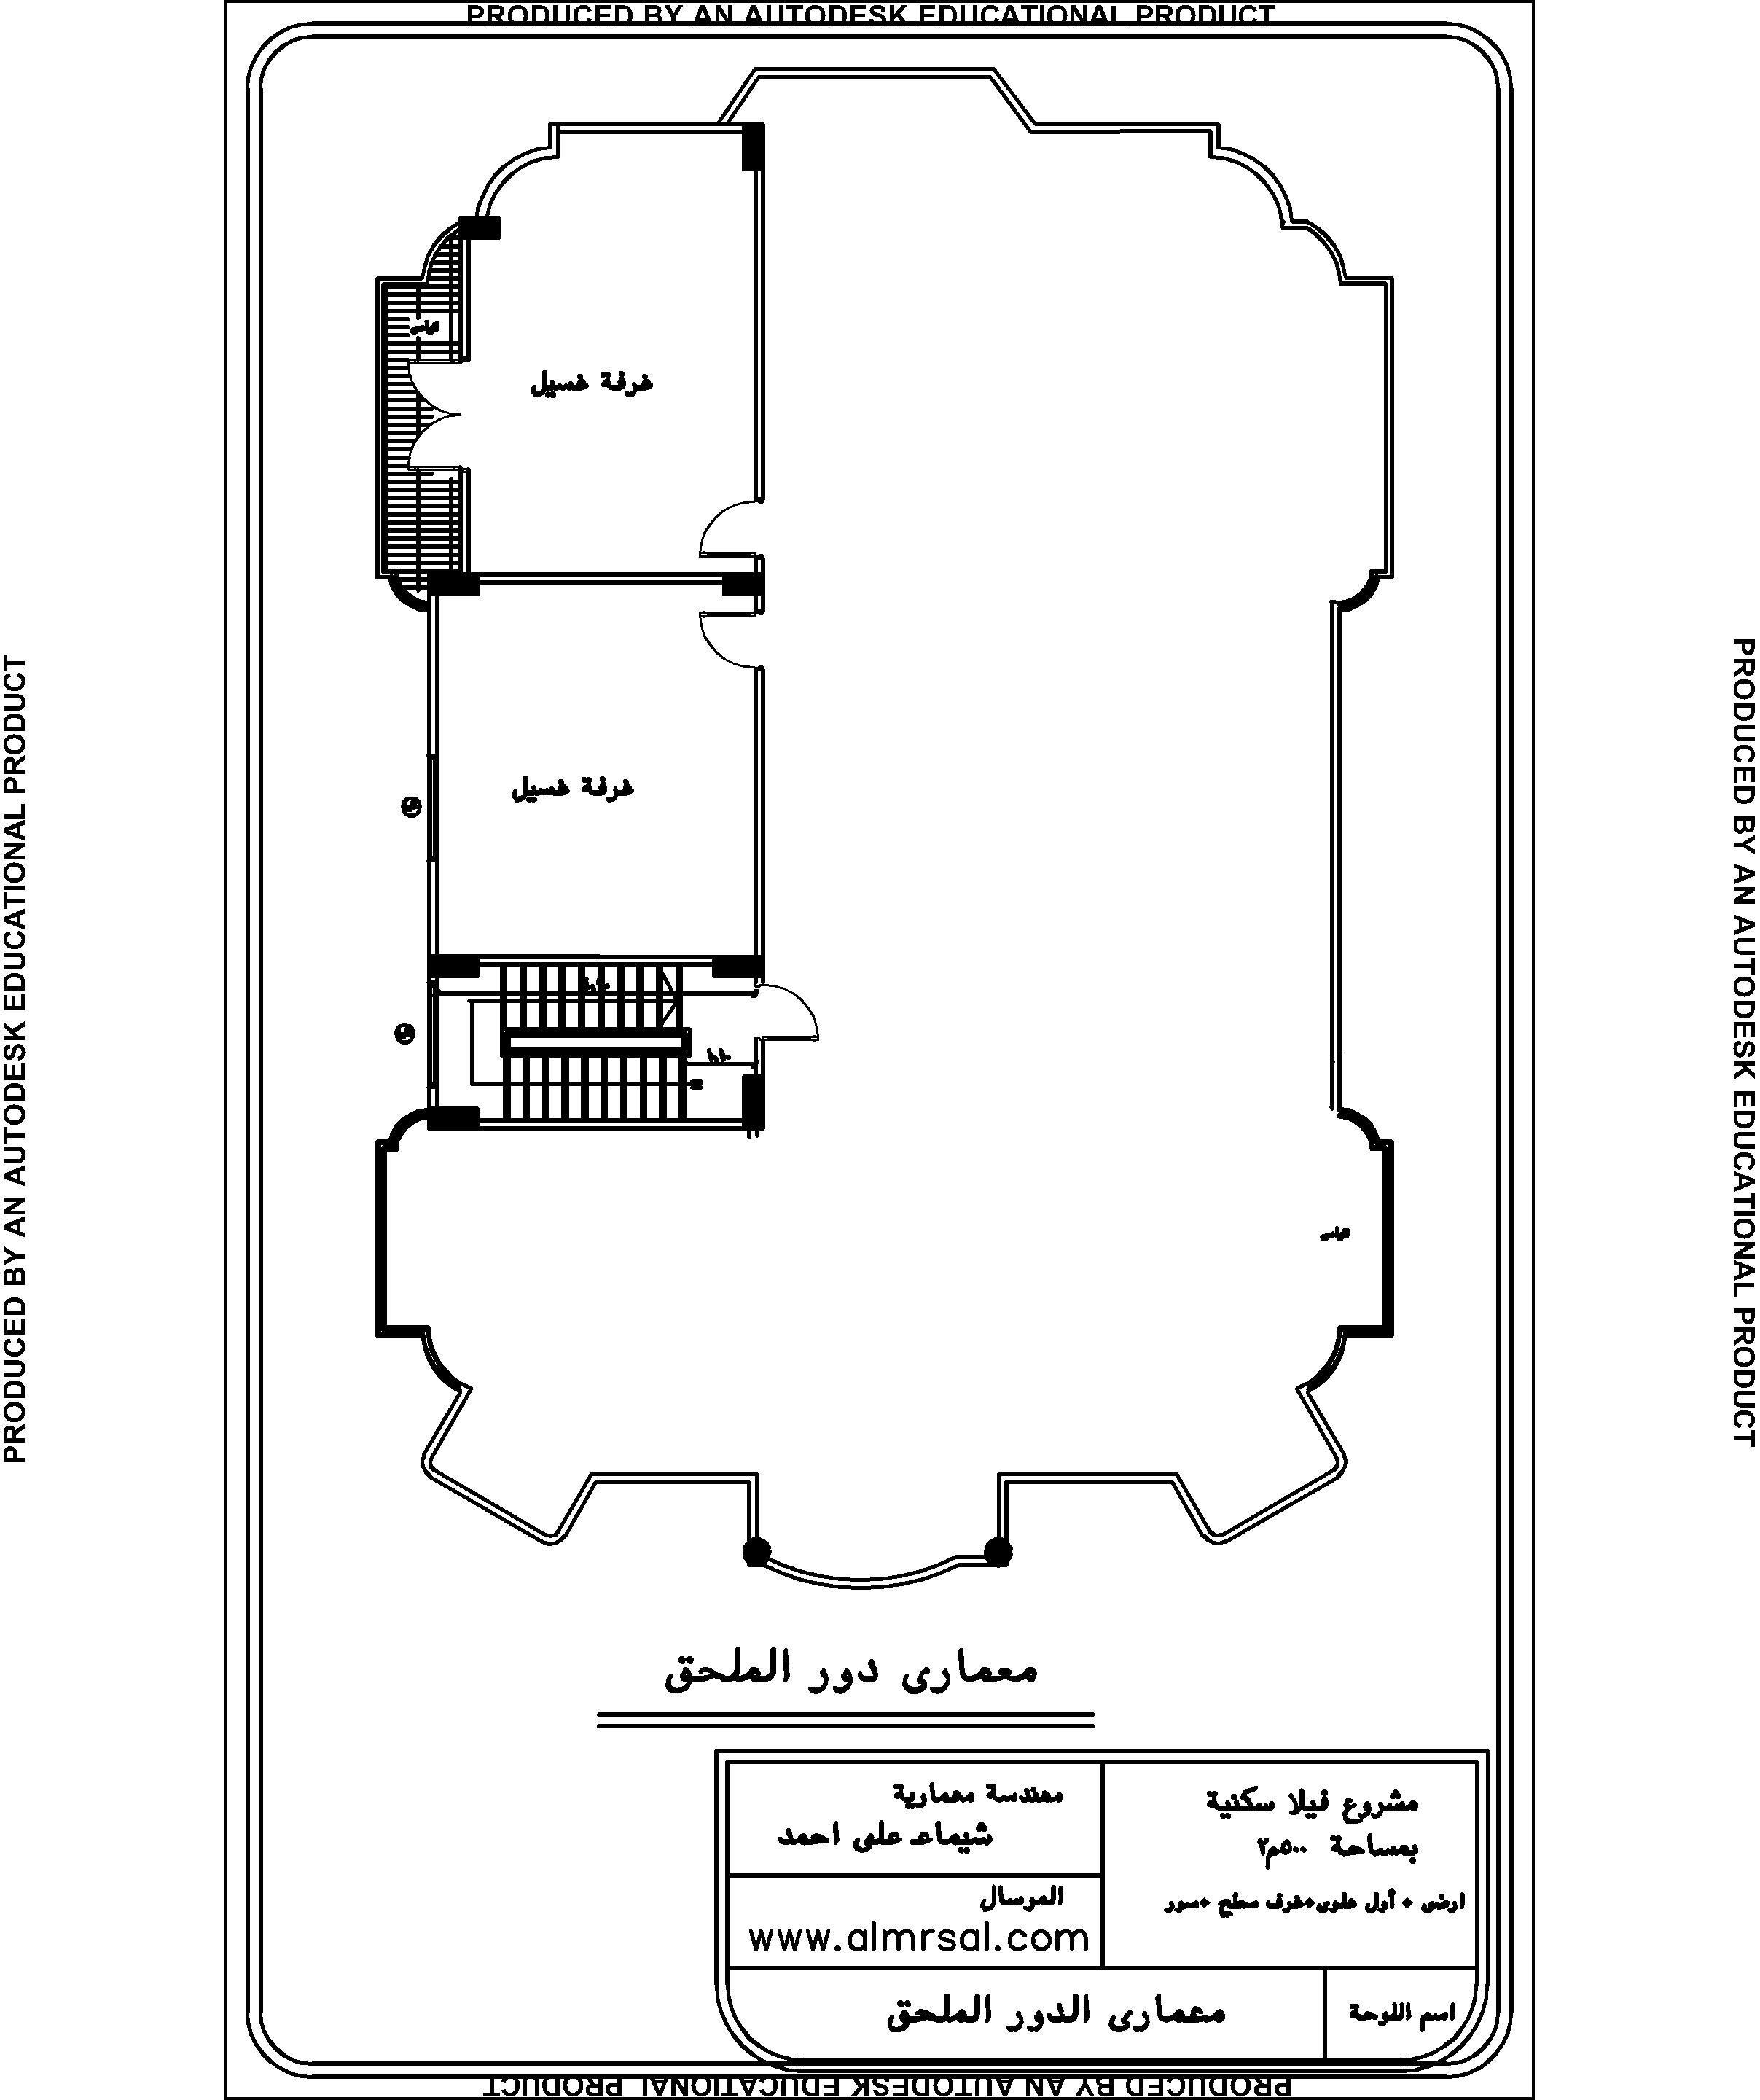 معماري الملحق لفيلا 500 م2